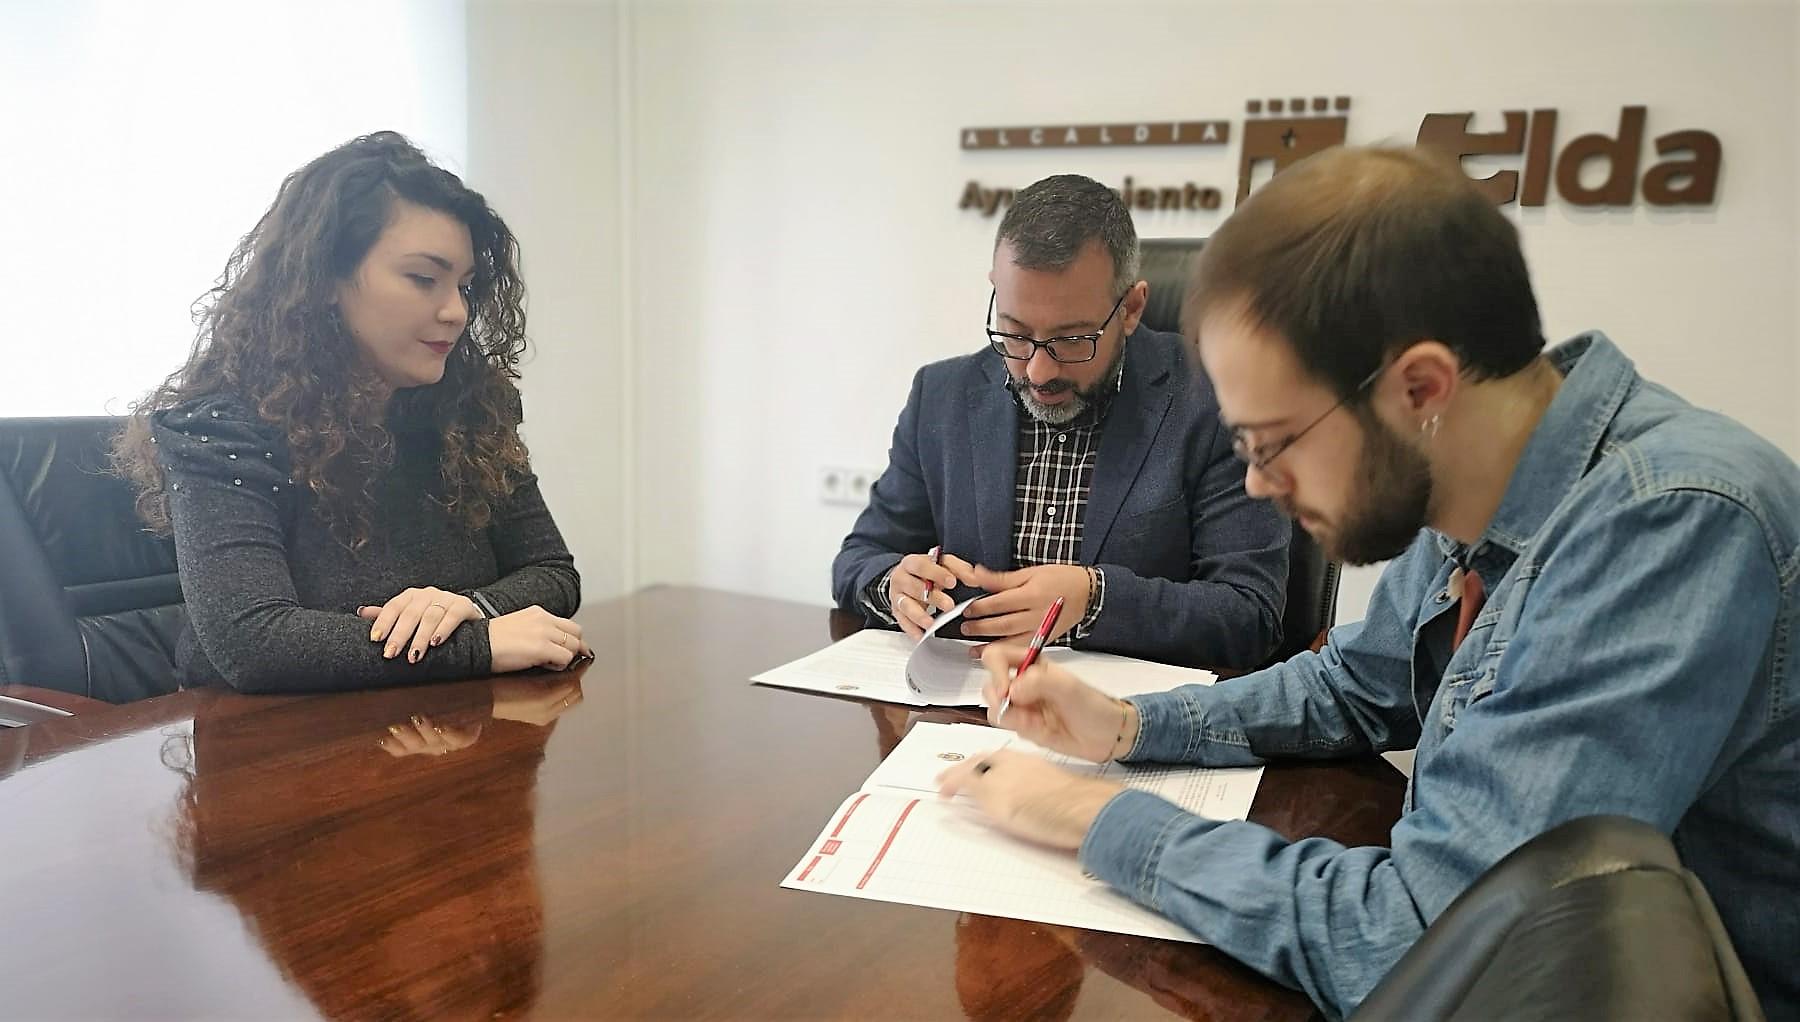 El Ayuntamiento de Elda firma el convenio de colaboración con el Consejo Local de la Juventud